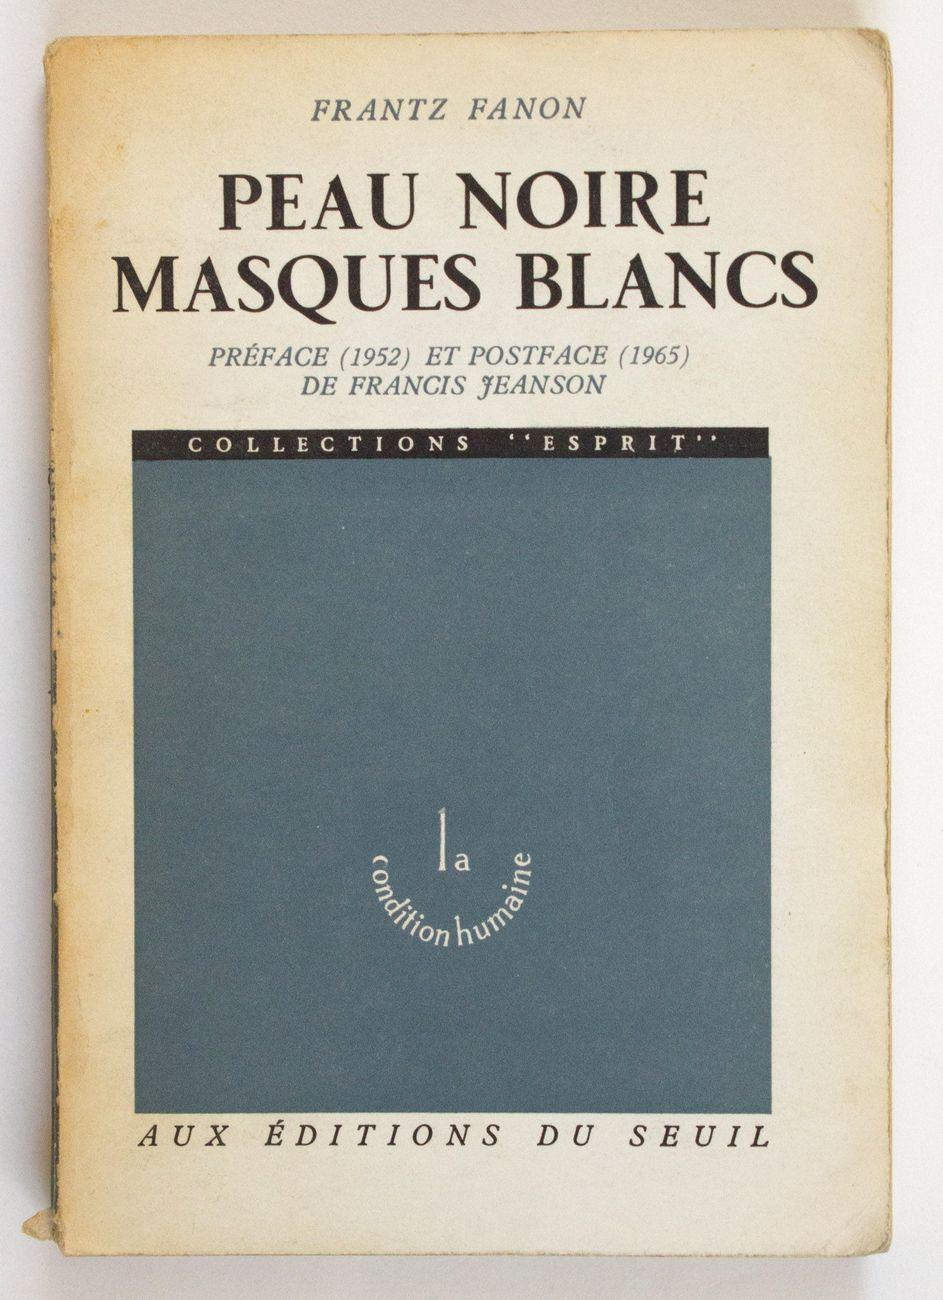 Frantz Fanon, Peau noire, masques blancs, 1952